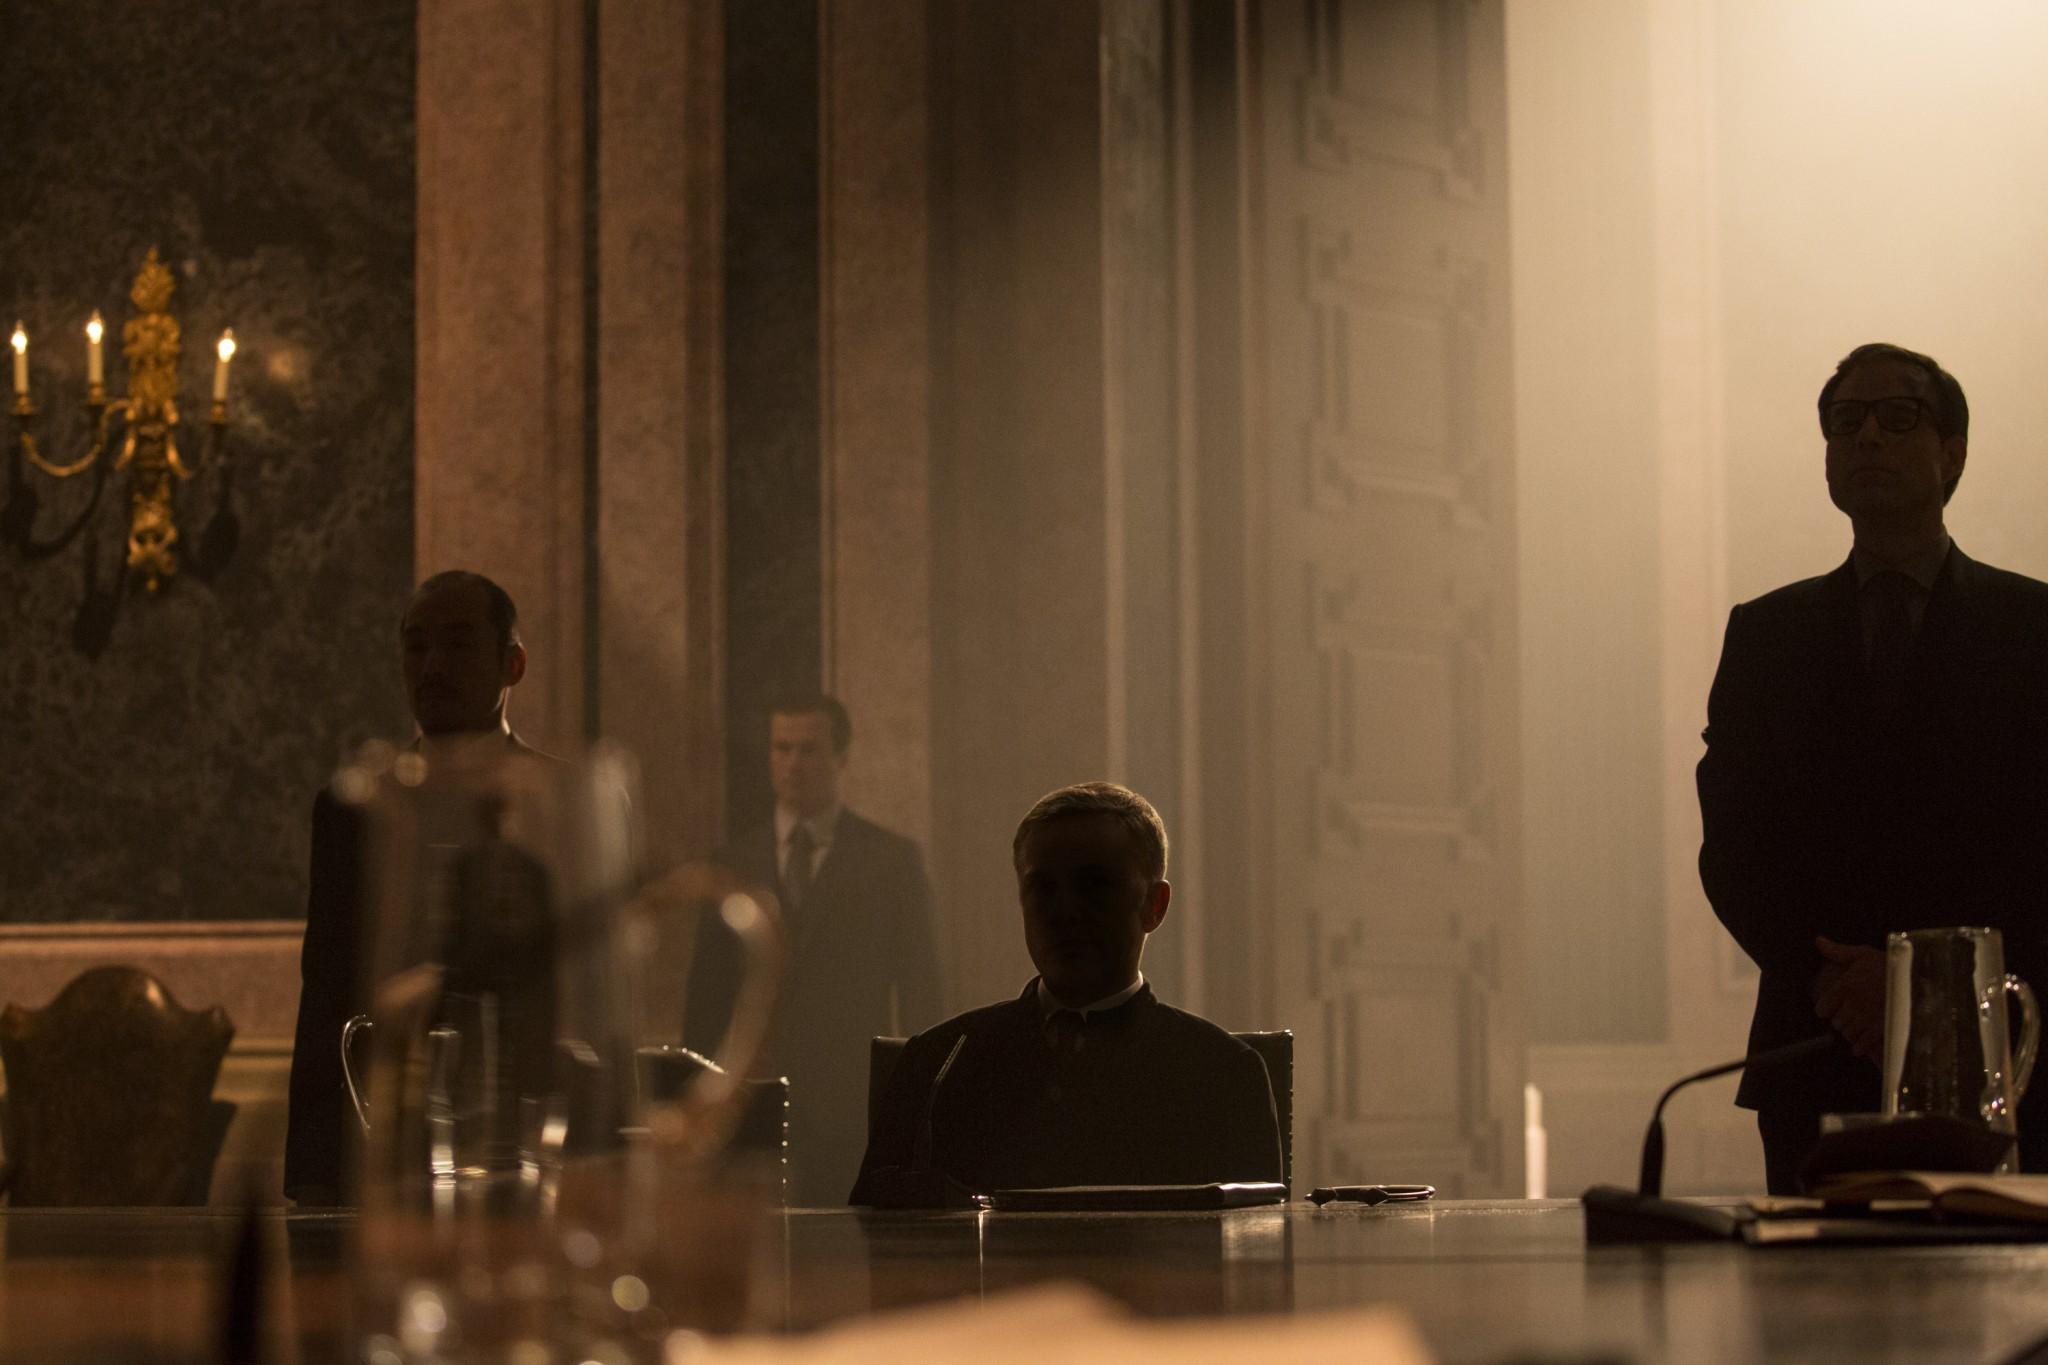 007 Spectre film cinéma